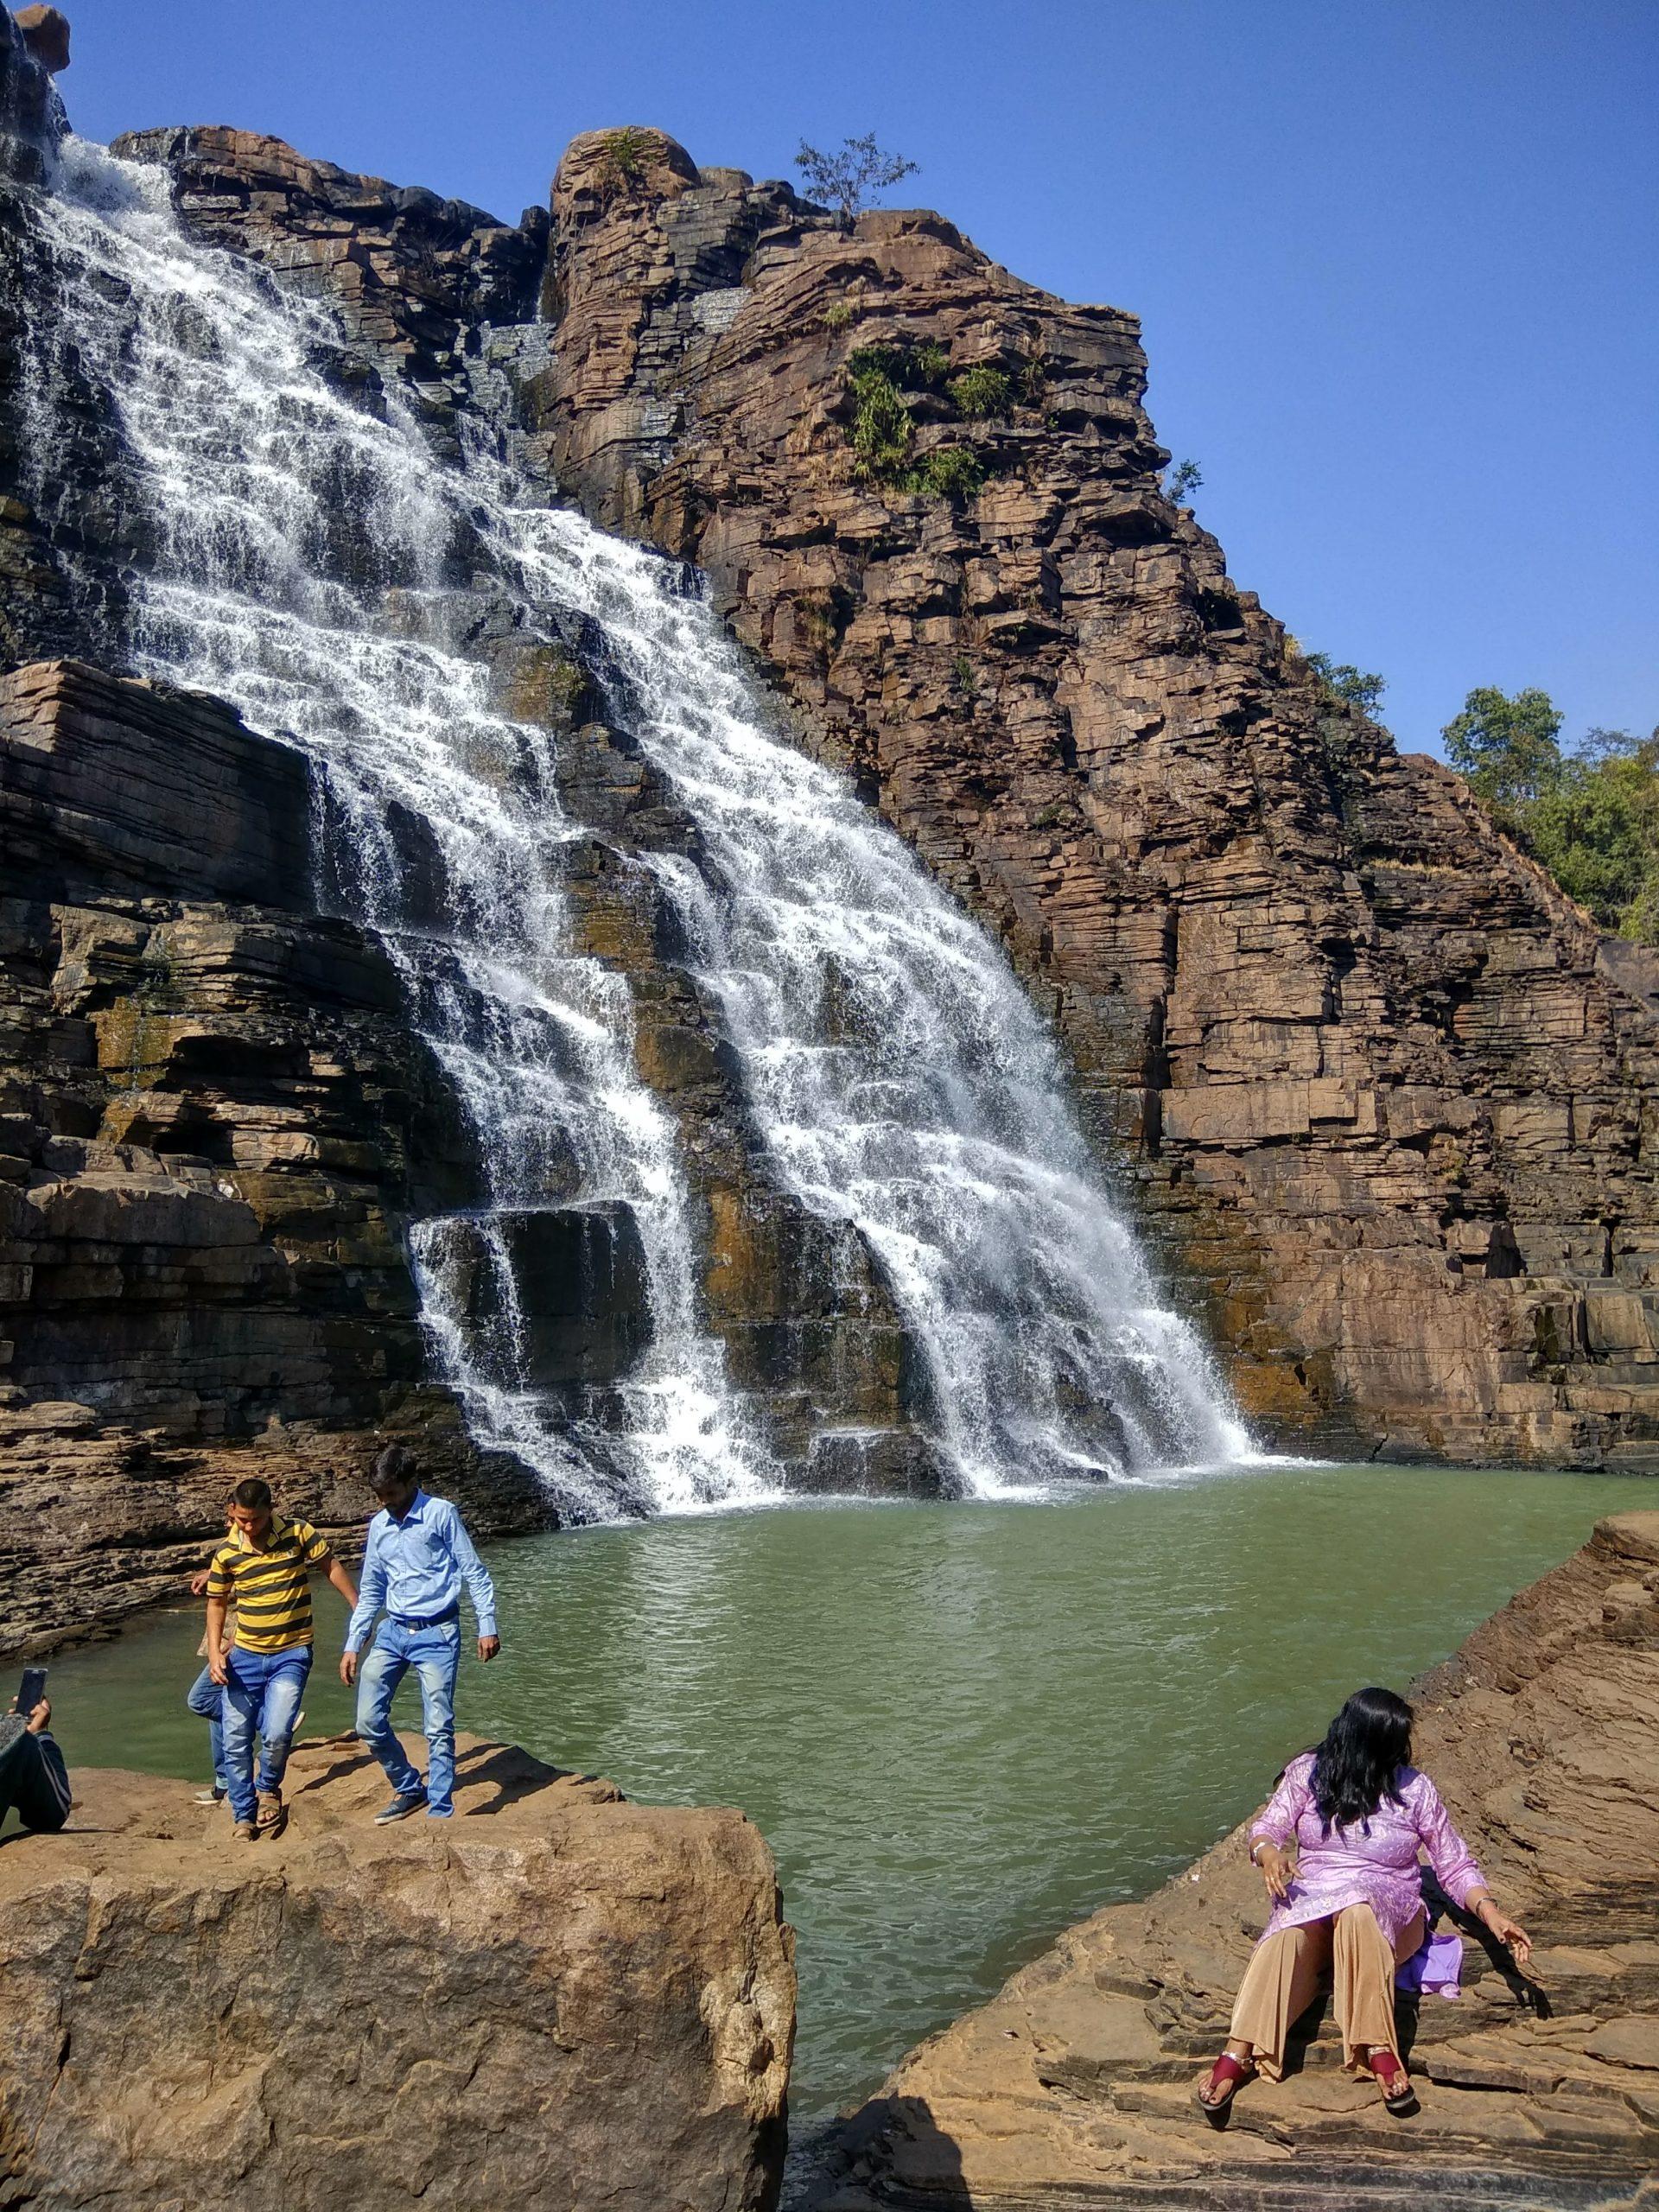 tourists near a waterfall